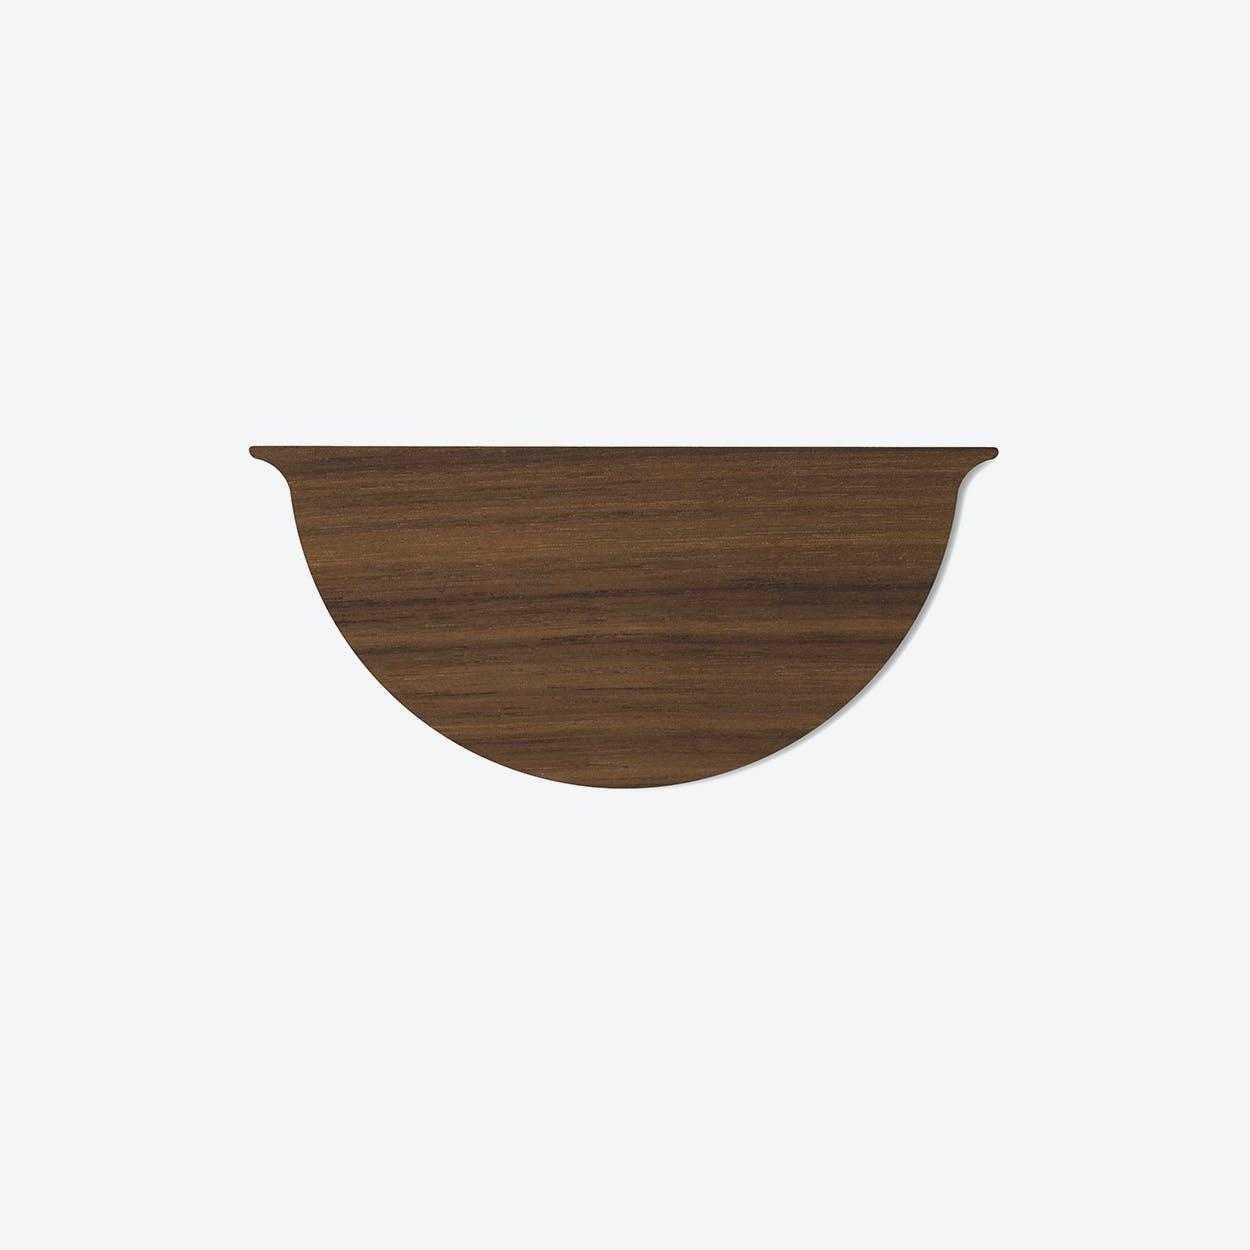 Wall Planter Mini Lid in Walnut